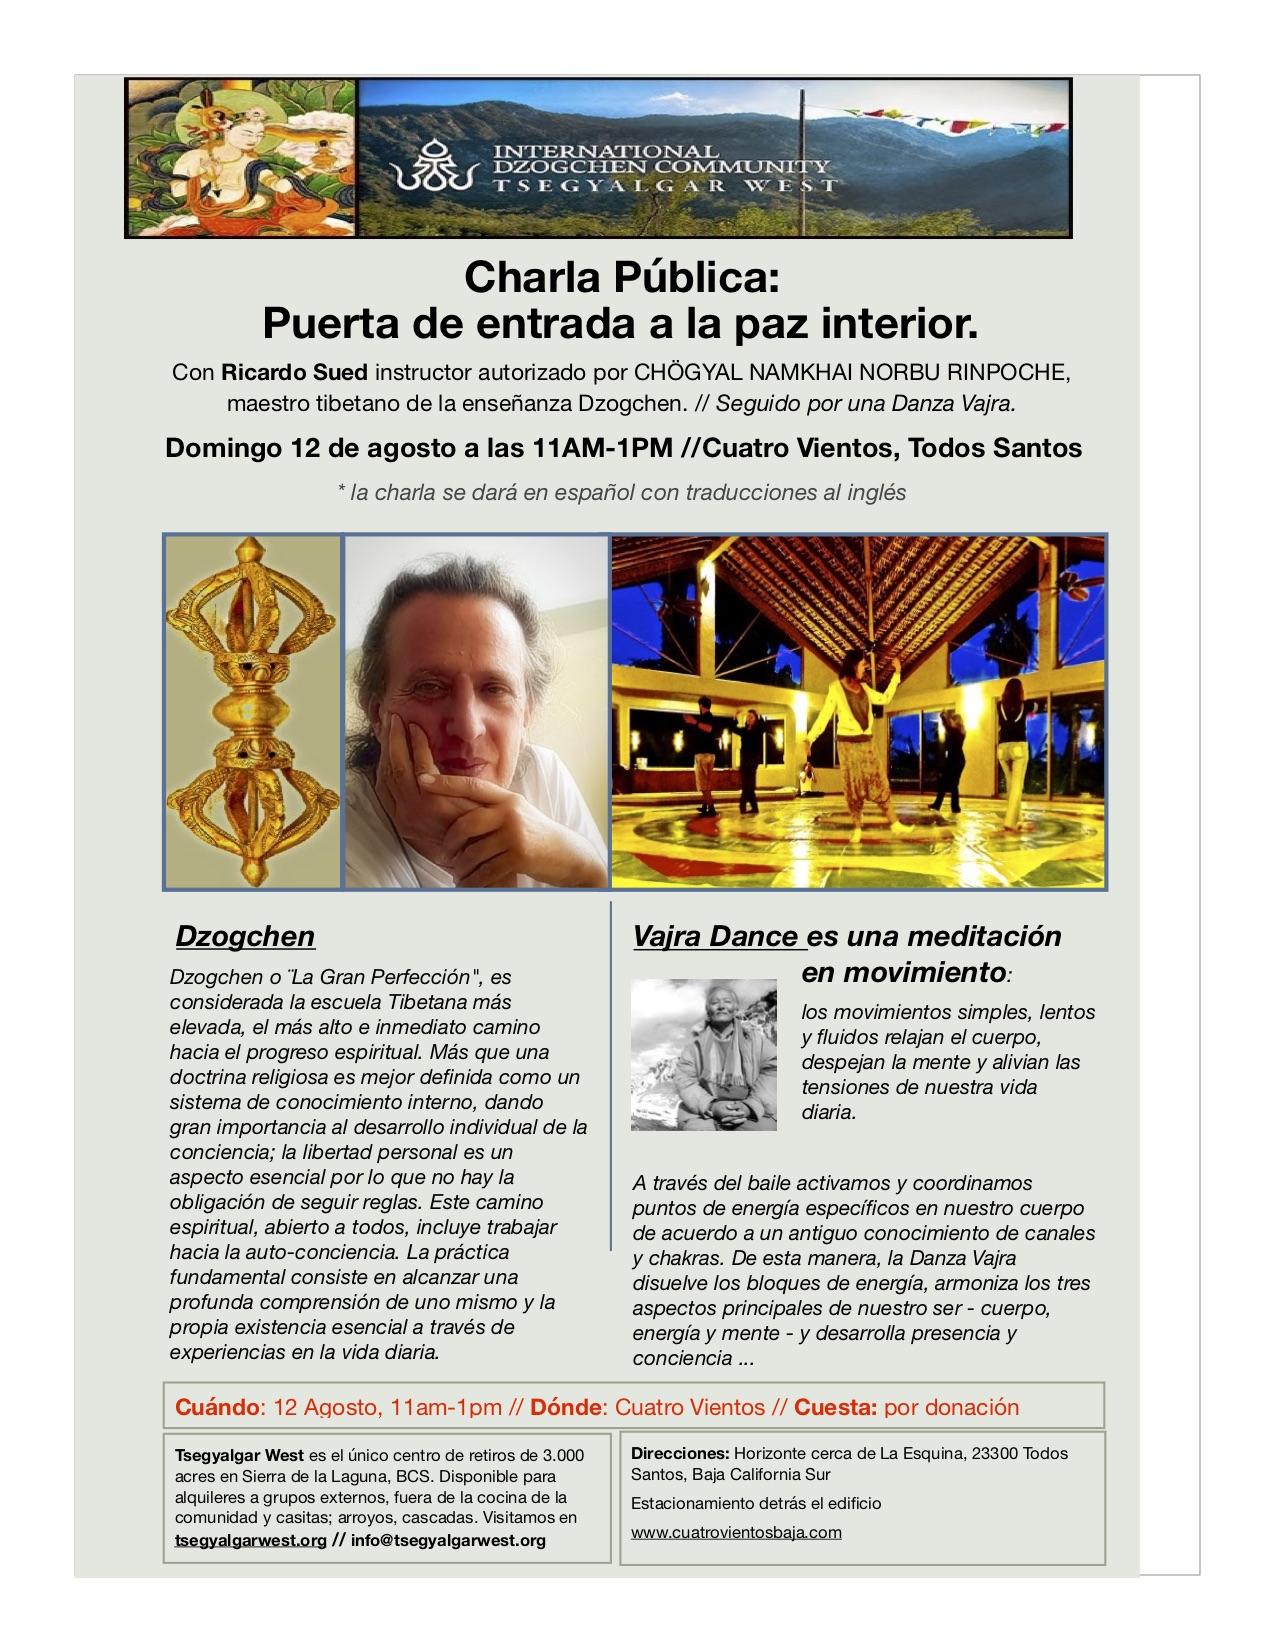 Ricardo Suede Workshop espanol.jpg